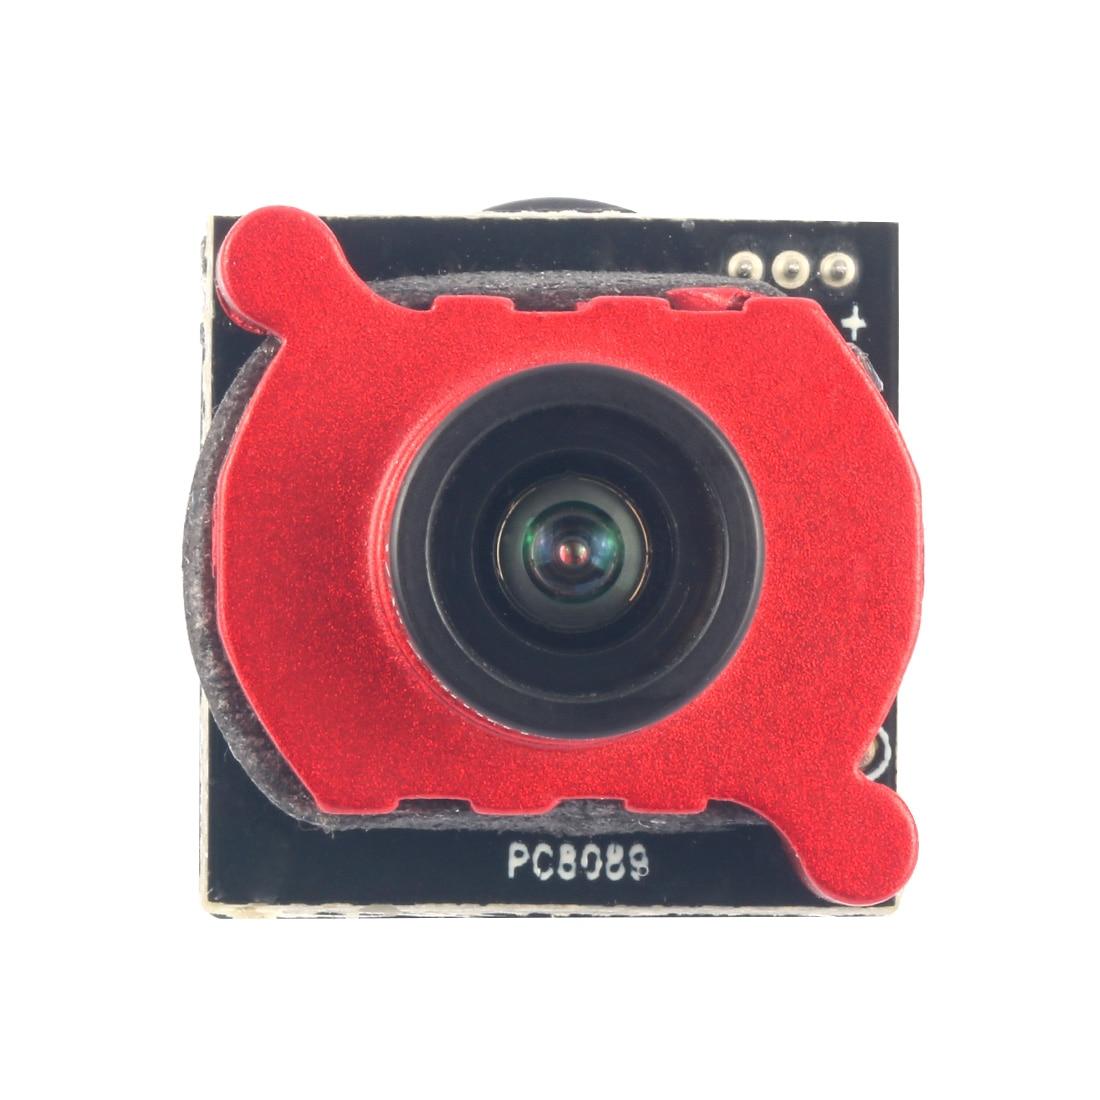 1/3 CMOS 1200TVL 2.3mm HD Lens FPV Micro Camera PAL NTSC Wide Voltage DC 5V-12V for Aerial Photography Camera RC Quadcopter Part hot new orange 1200tvl cmos 2 5mm 2 8mm 130 120 degree mini fpv camera pal ntsc 5v to 12v for micro racer quadcopter